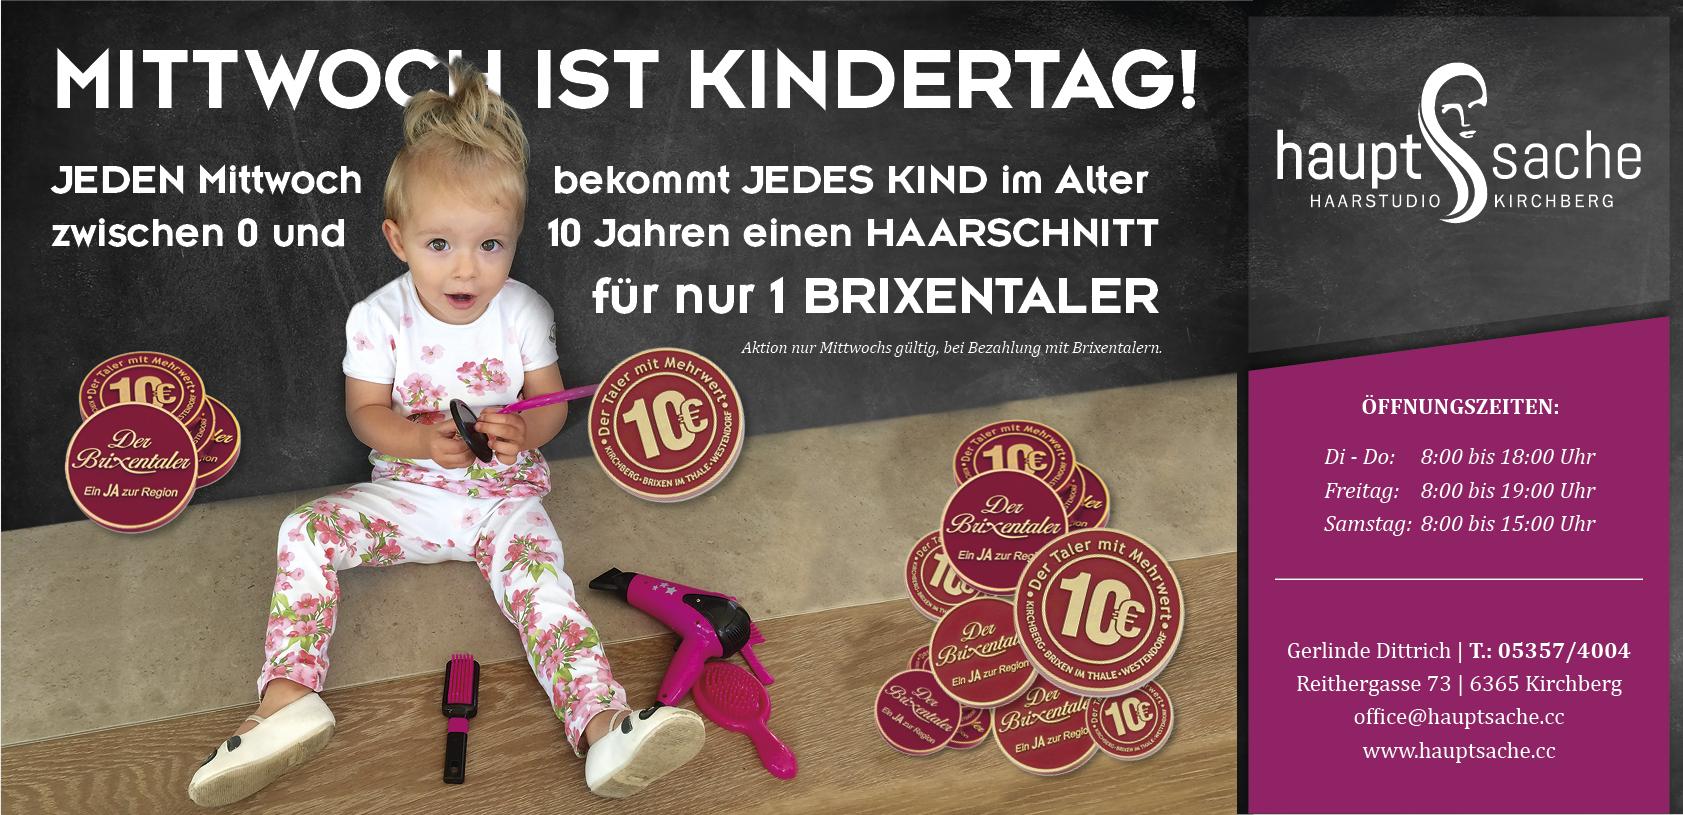 Haarstudio_Hauptsache_Kindertag_Mittwoch_Brixentaler